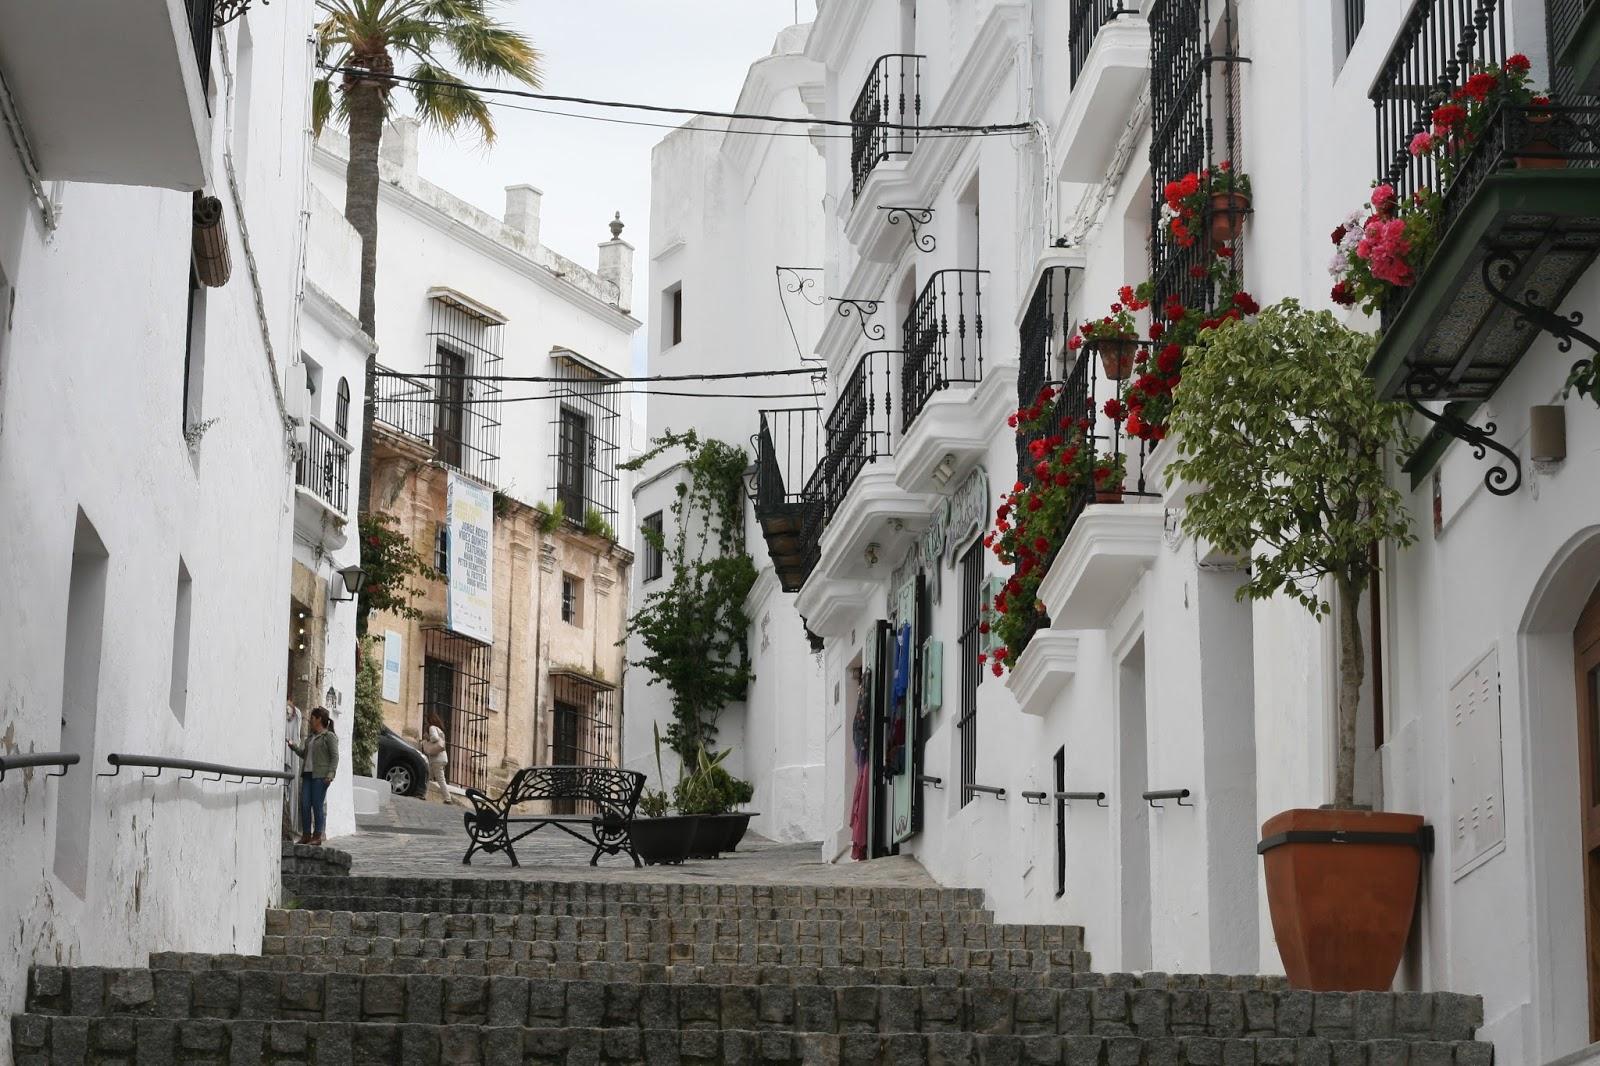 Hoteles En Vejer De La Frontera